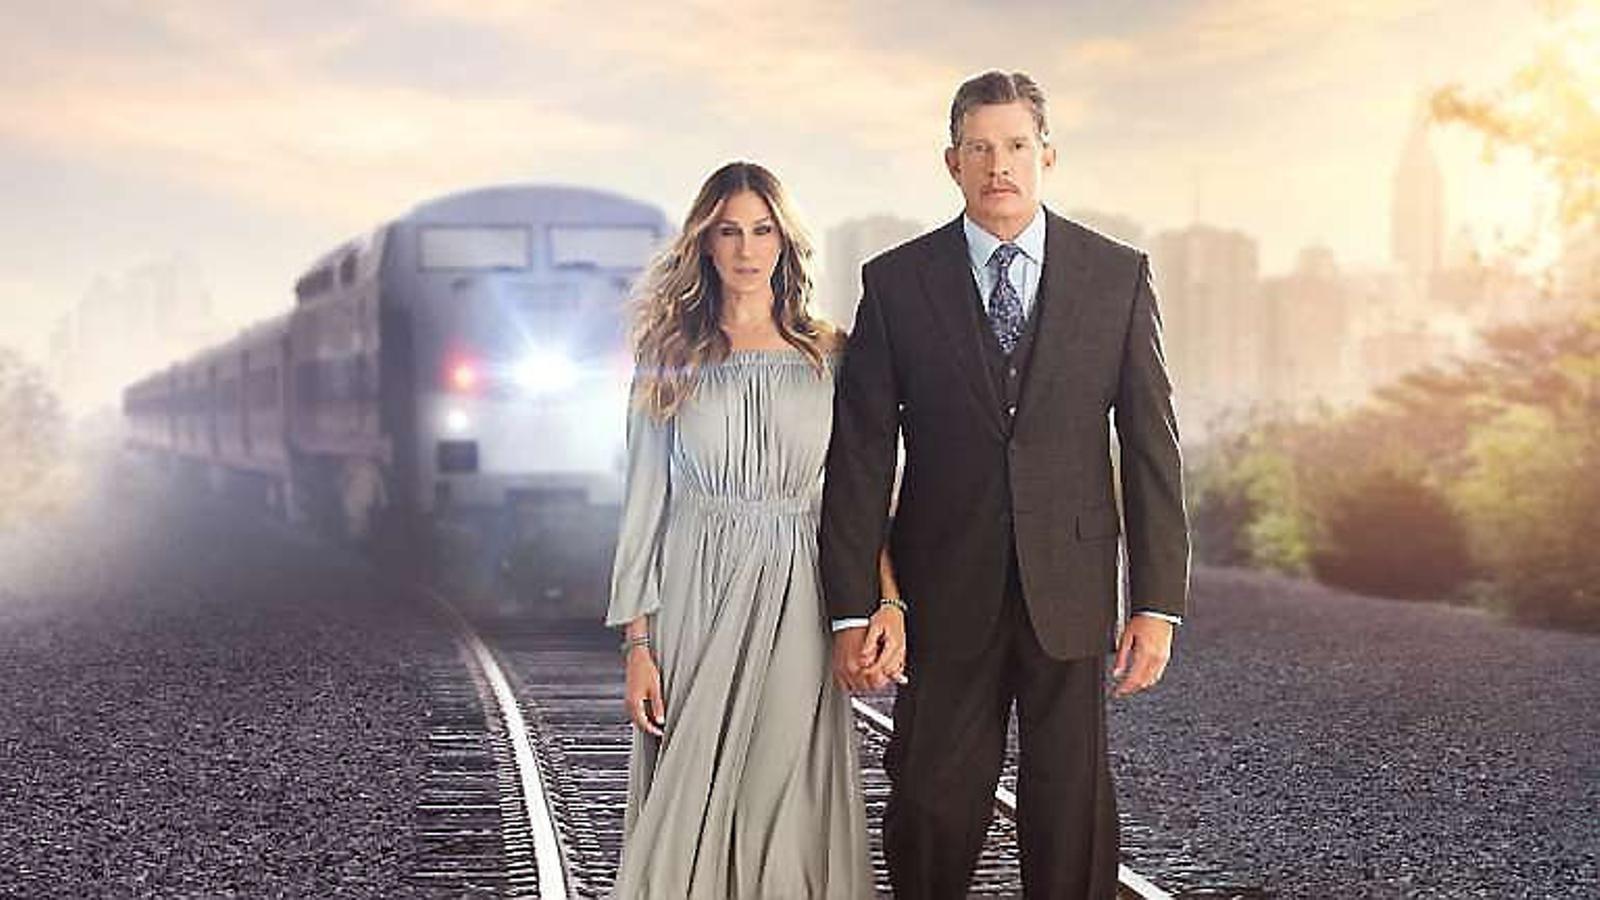 Tornen 'Divorce' i 'Crashed', dues mirades de la HBO sobre desamor